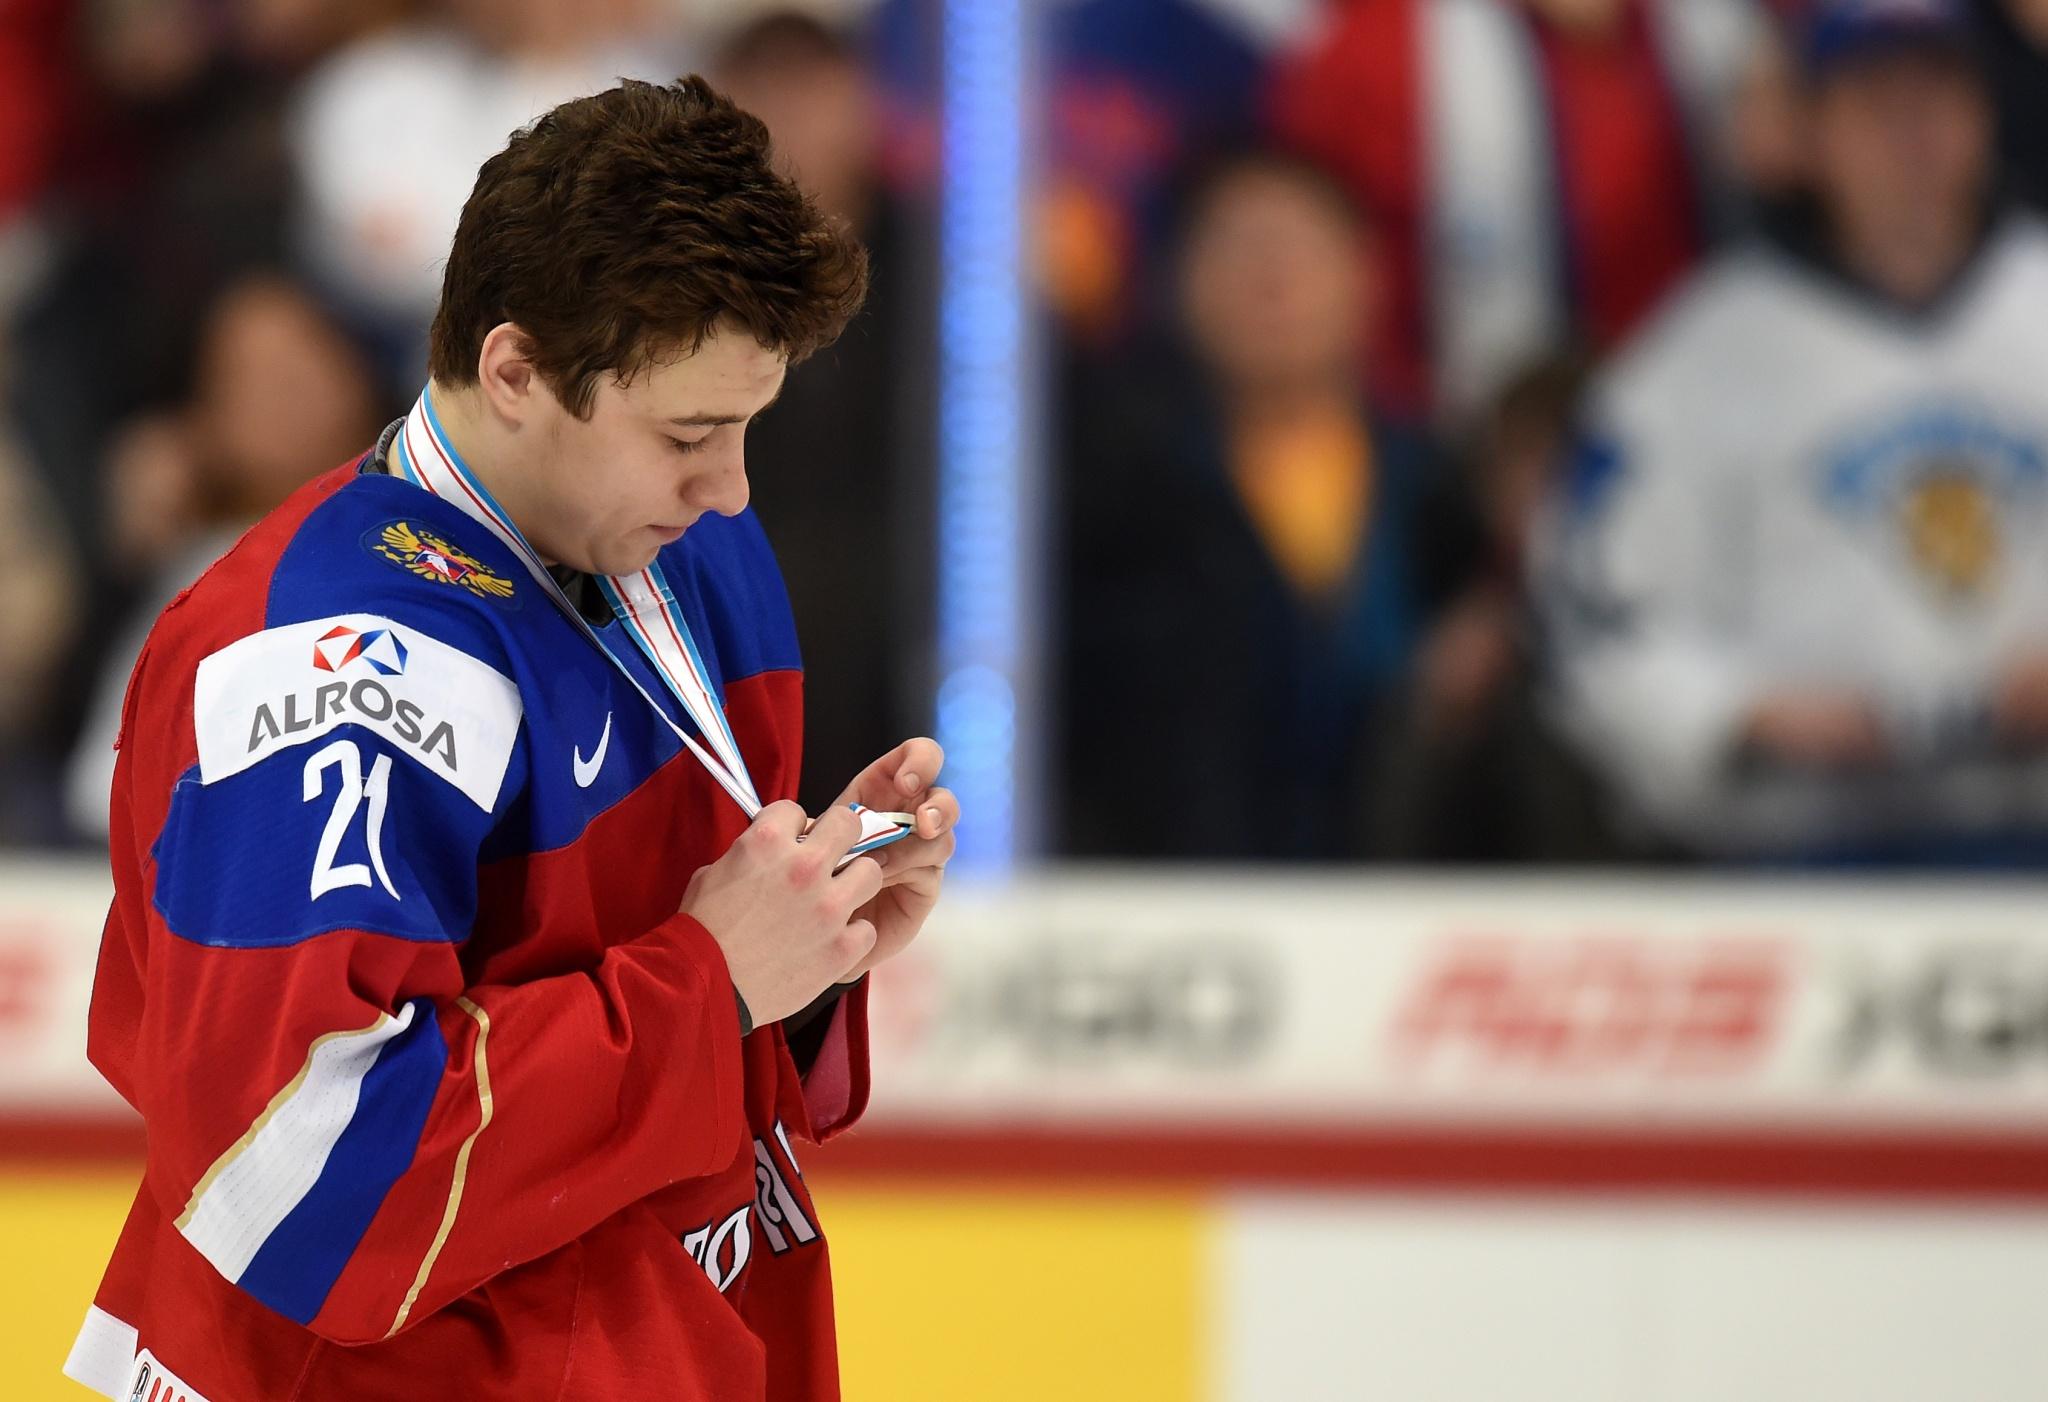 Андрей Кузьменко после финала МЧМ-2016. Фото: Юрий Кузьмин